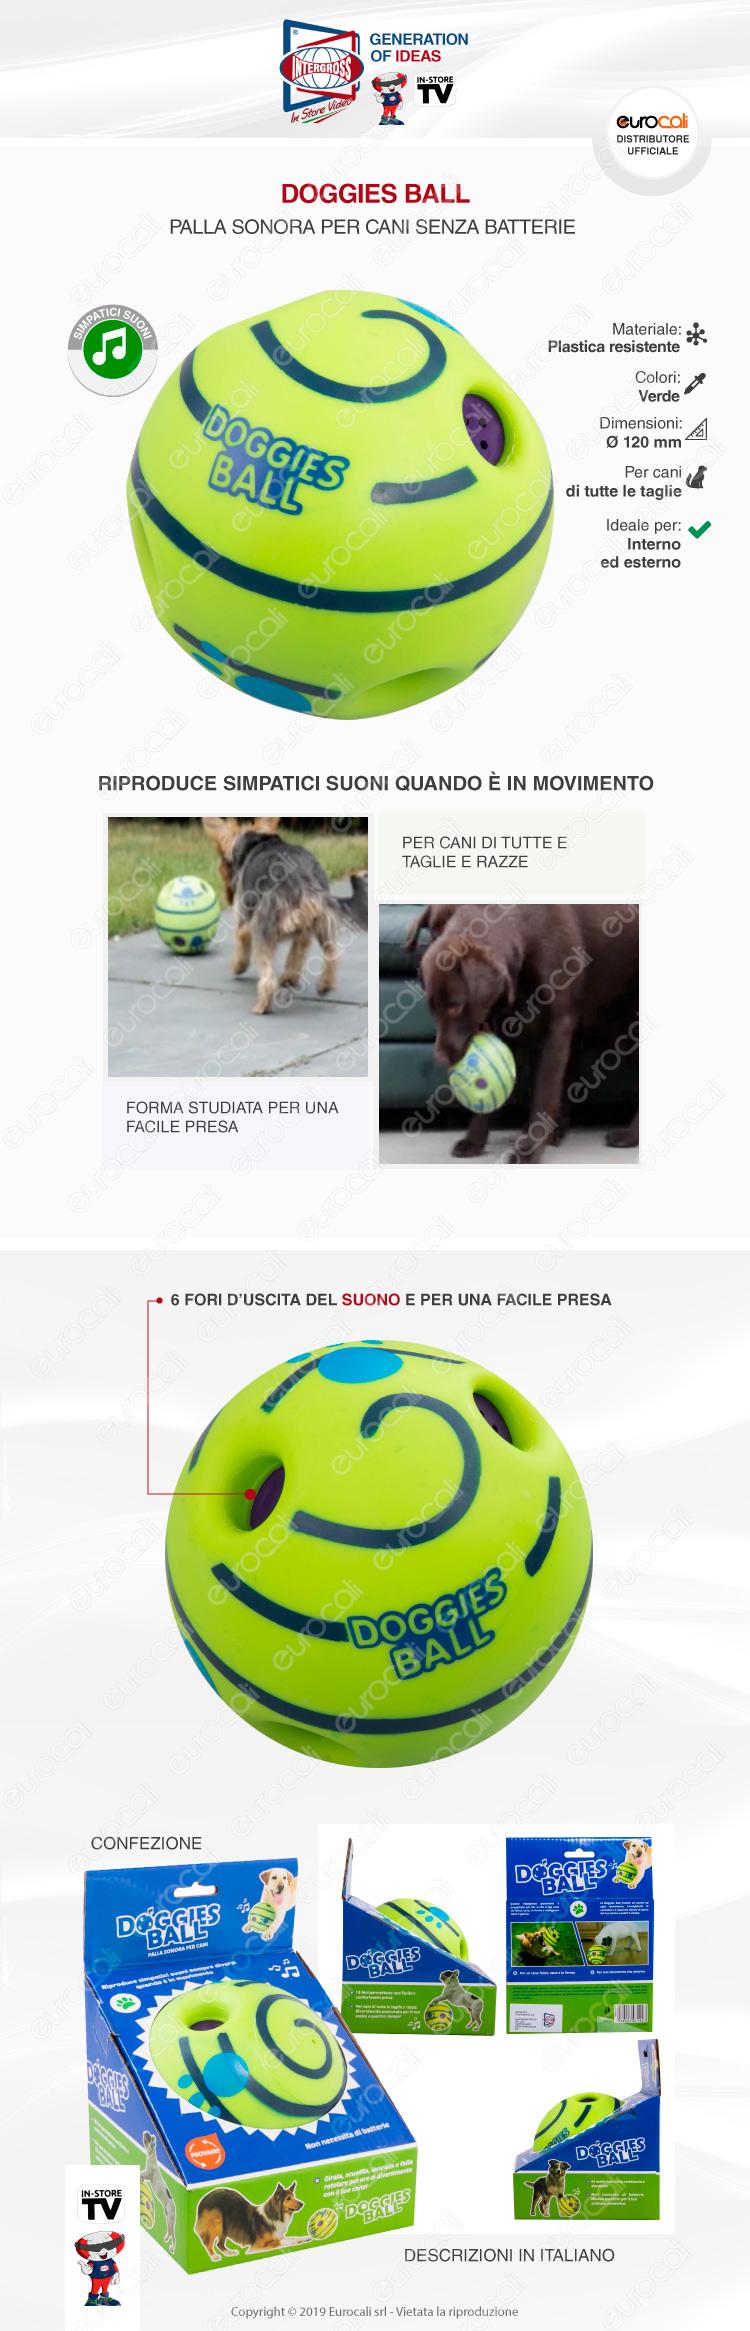 Intergross Doggies Ball Palla Sonora in Plastica per Cani